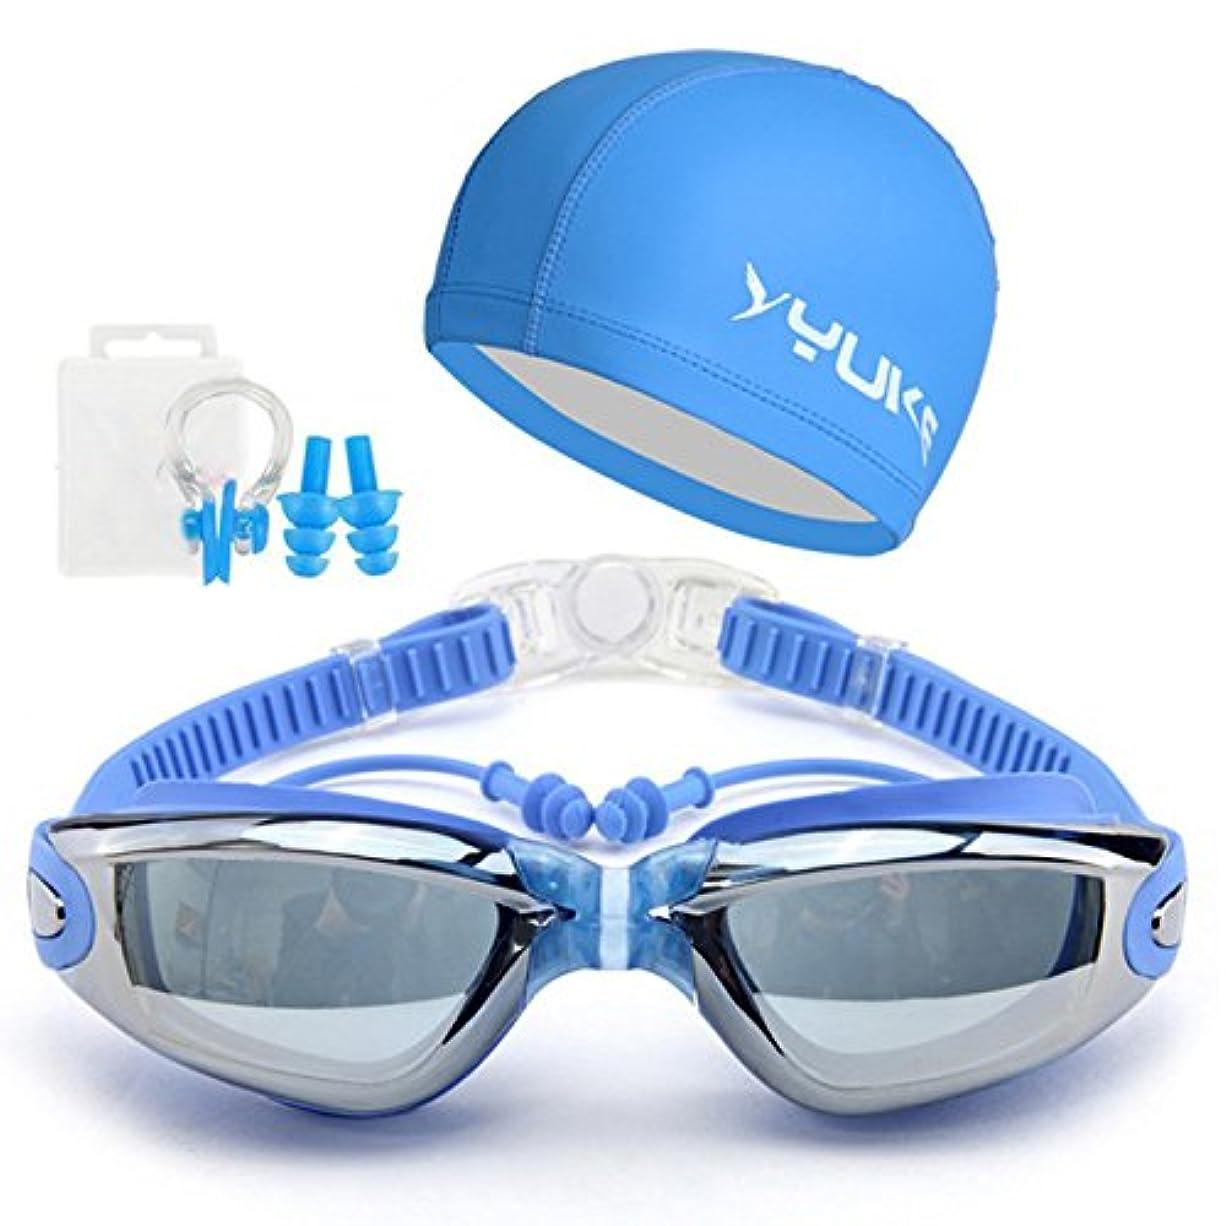 悩み尊敬光沢のあるスイムゴーグルスイムキャップケースノーズクリップイヤープラグ漏れ防止防曇UVプロテクション (青)